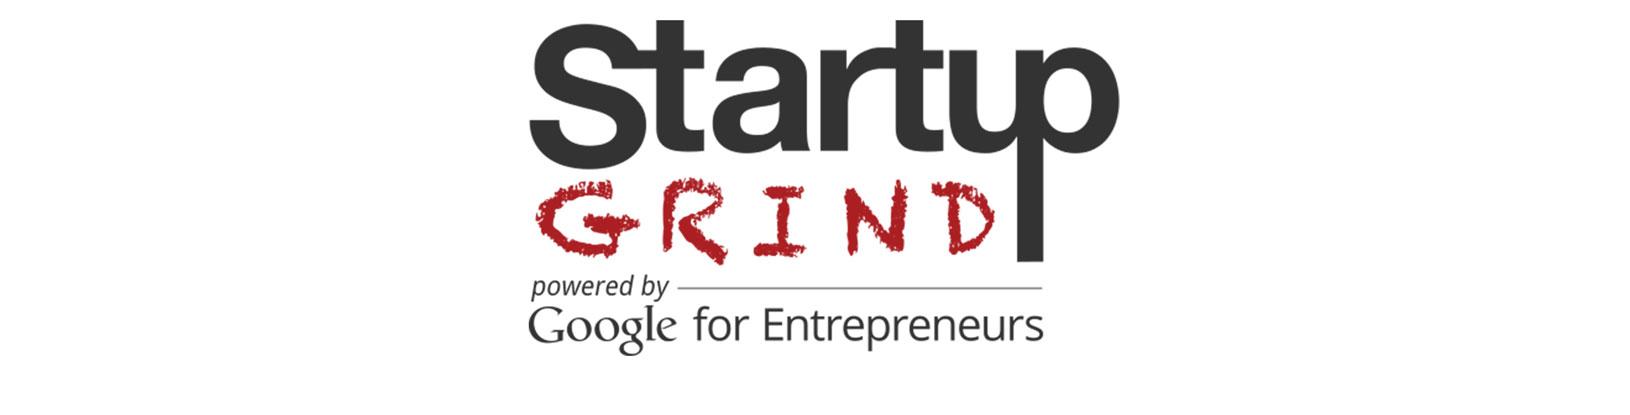 Startup Grind RSVP